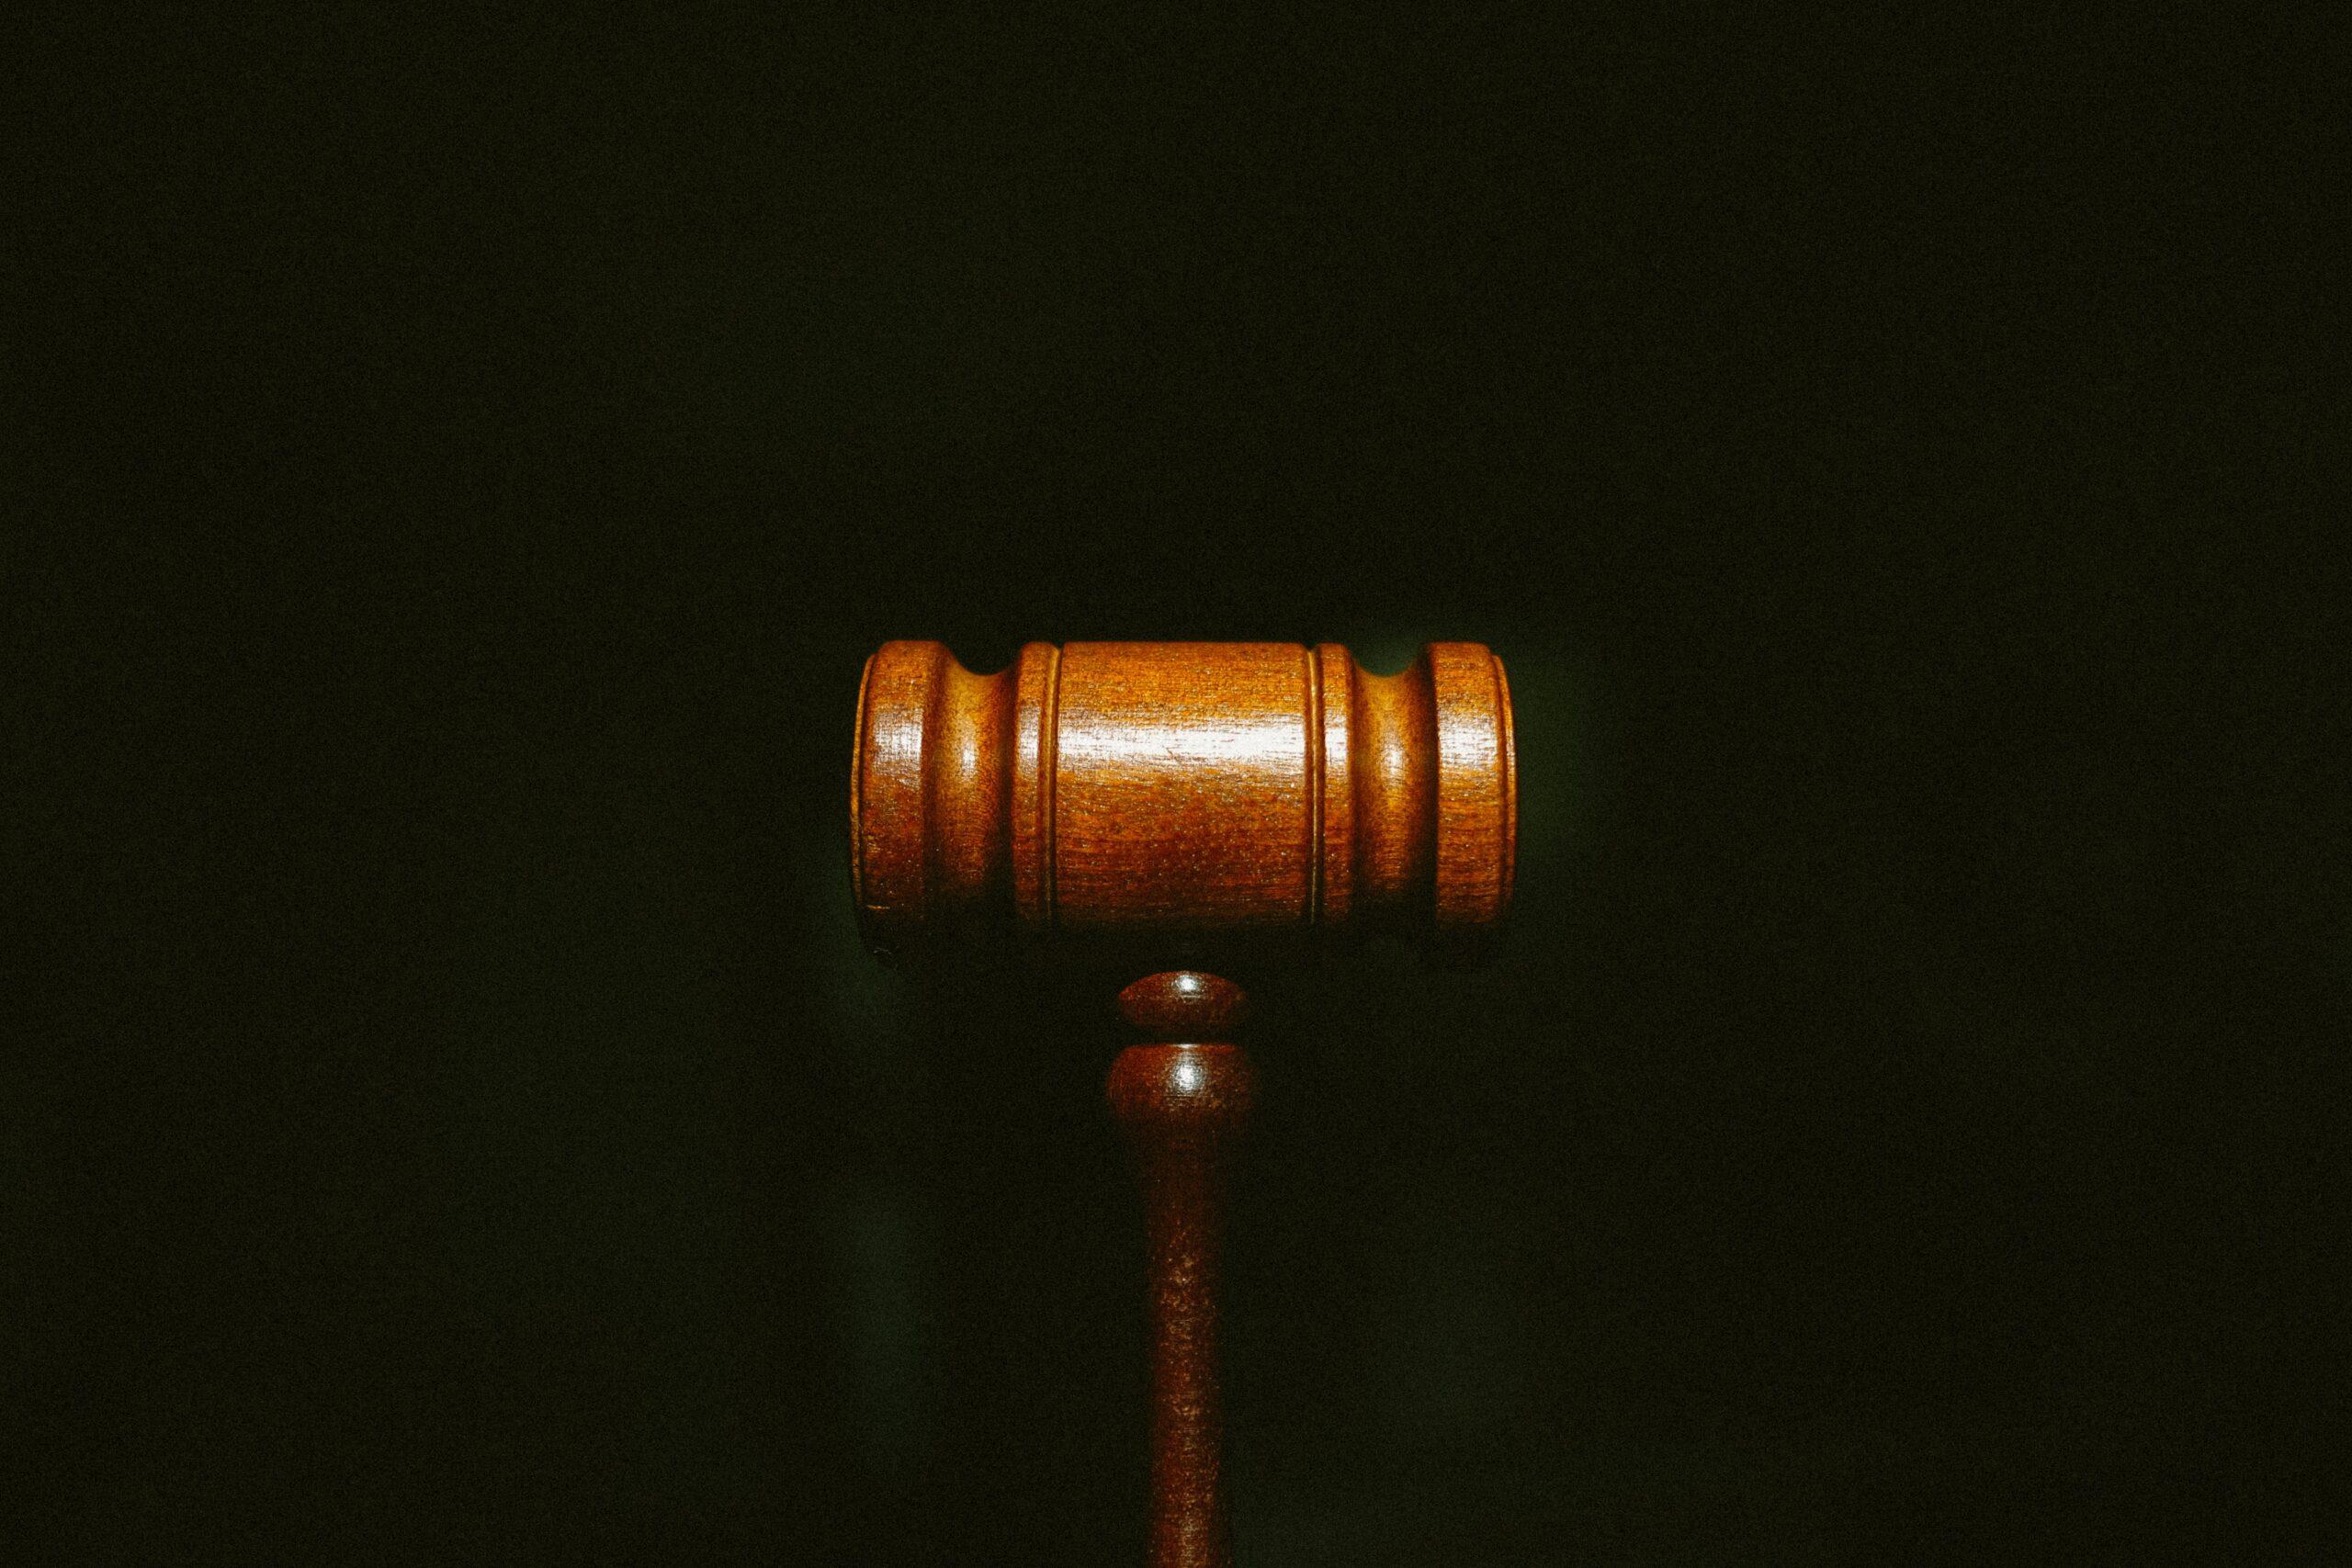 uchwała w przedmiocie powództwa o ustalenienie nieważności kredytu denominowanego lub indeksowanego